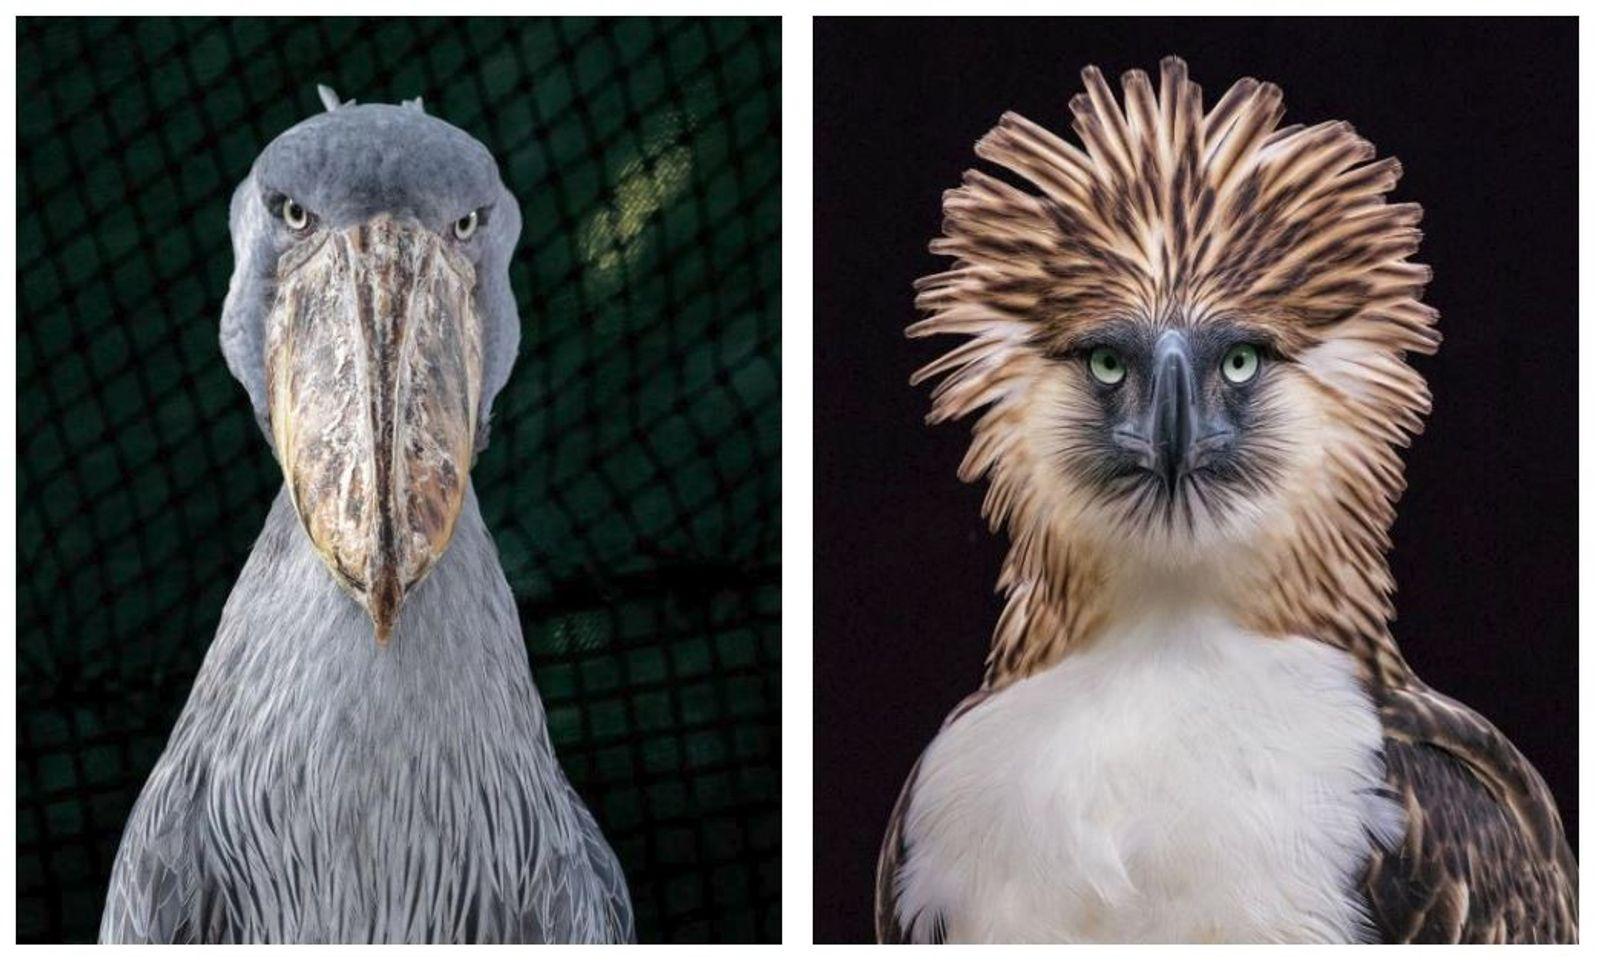 À gauche : Le bec-en-sabot (Balaeniceps rex) se trouve en Afrique de l'Est, du Sud-Soudan à ...